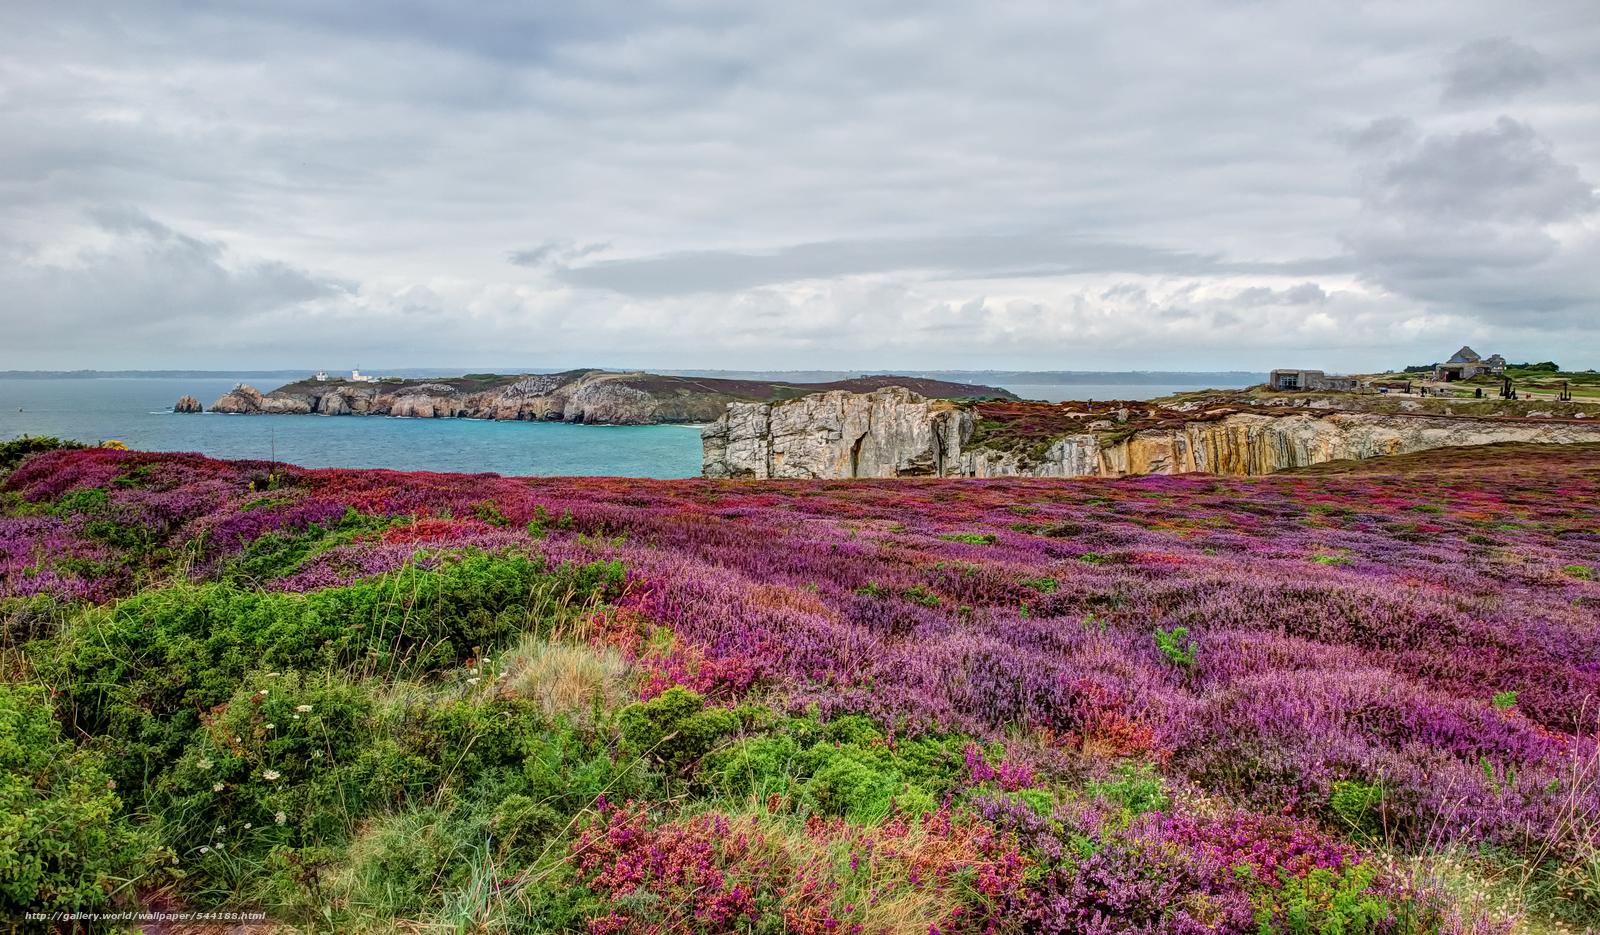 Tlcharger Fond d'ecran Bretagne, France, mer, côte Fonds d'ecran gratuits pour votre rsolution ...